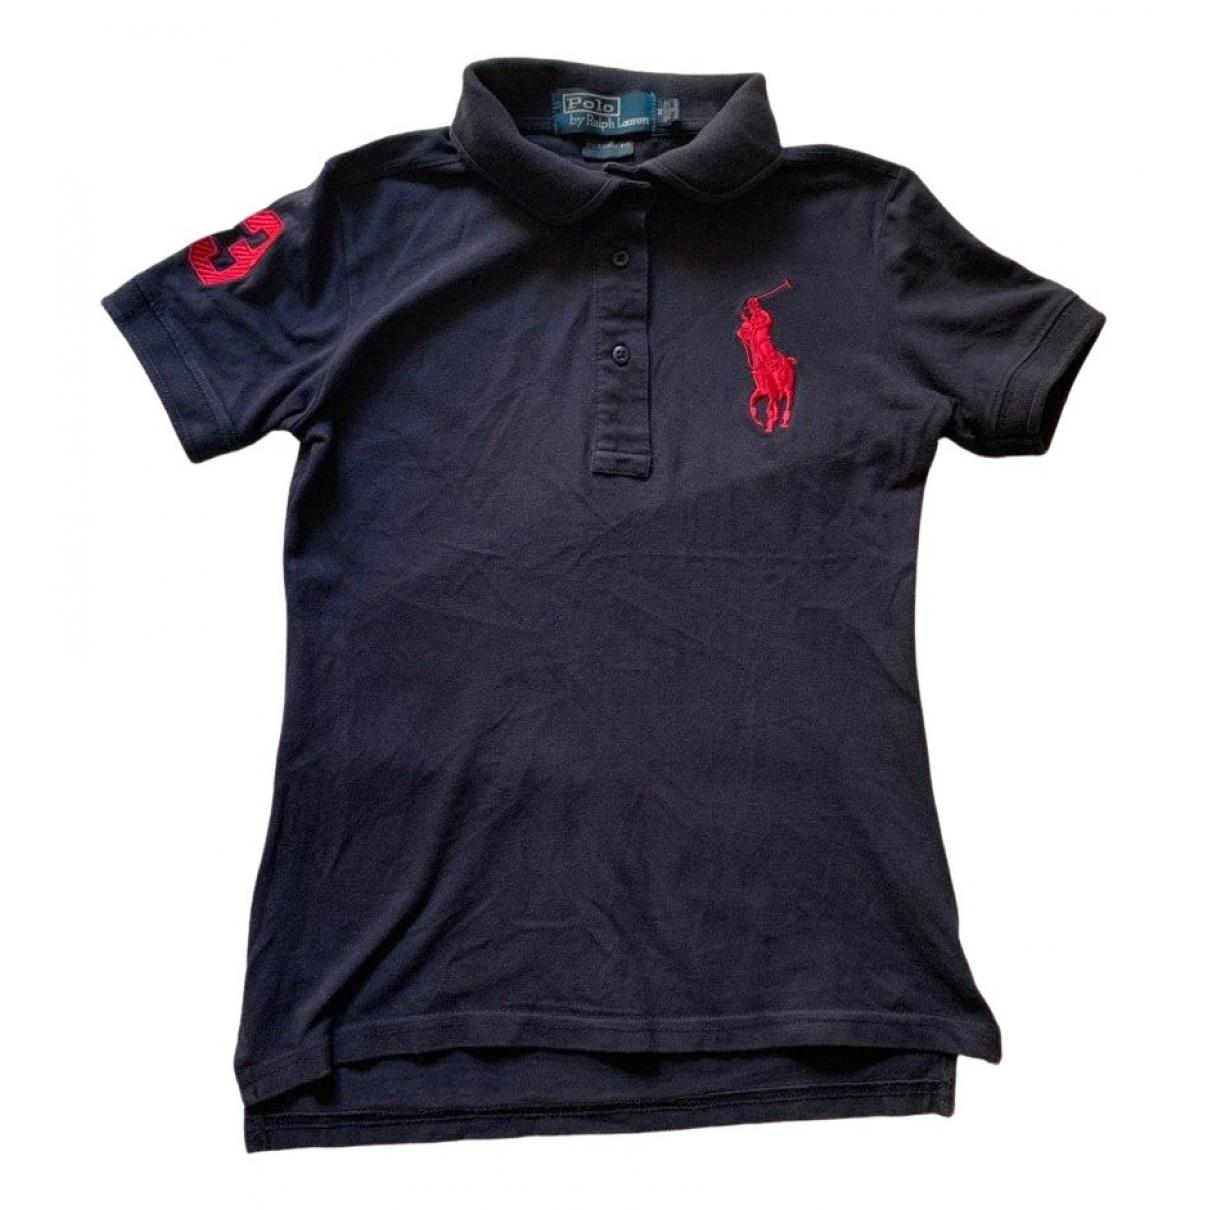 Polo Ralph Lauren Polo ajusté manches courtes Blue Cotton  top for Women M International